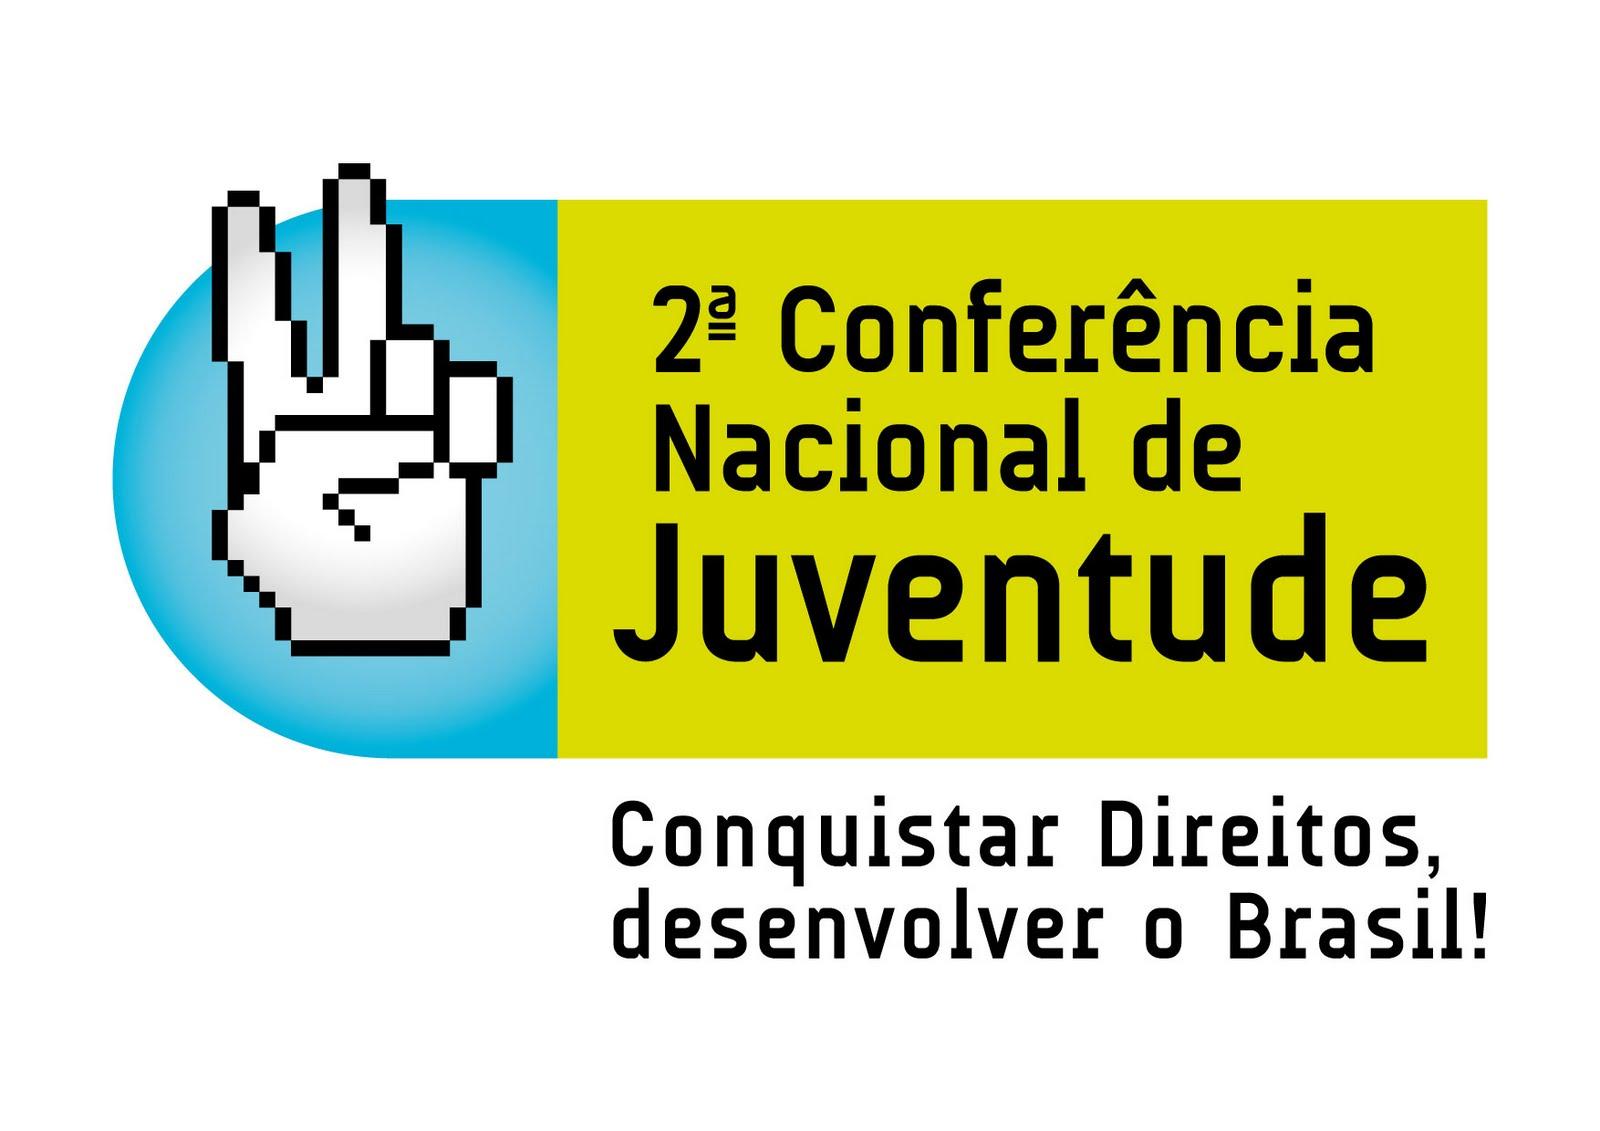 2a Conferencia Nacional de Juventude